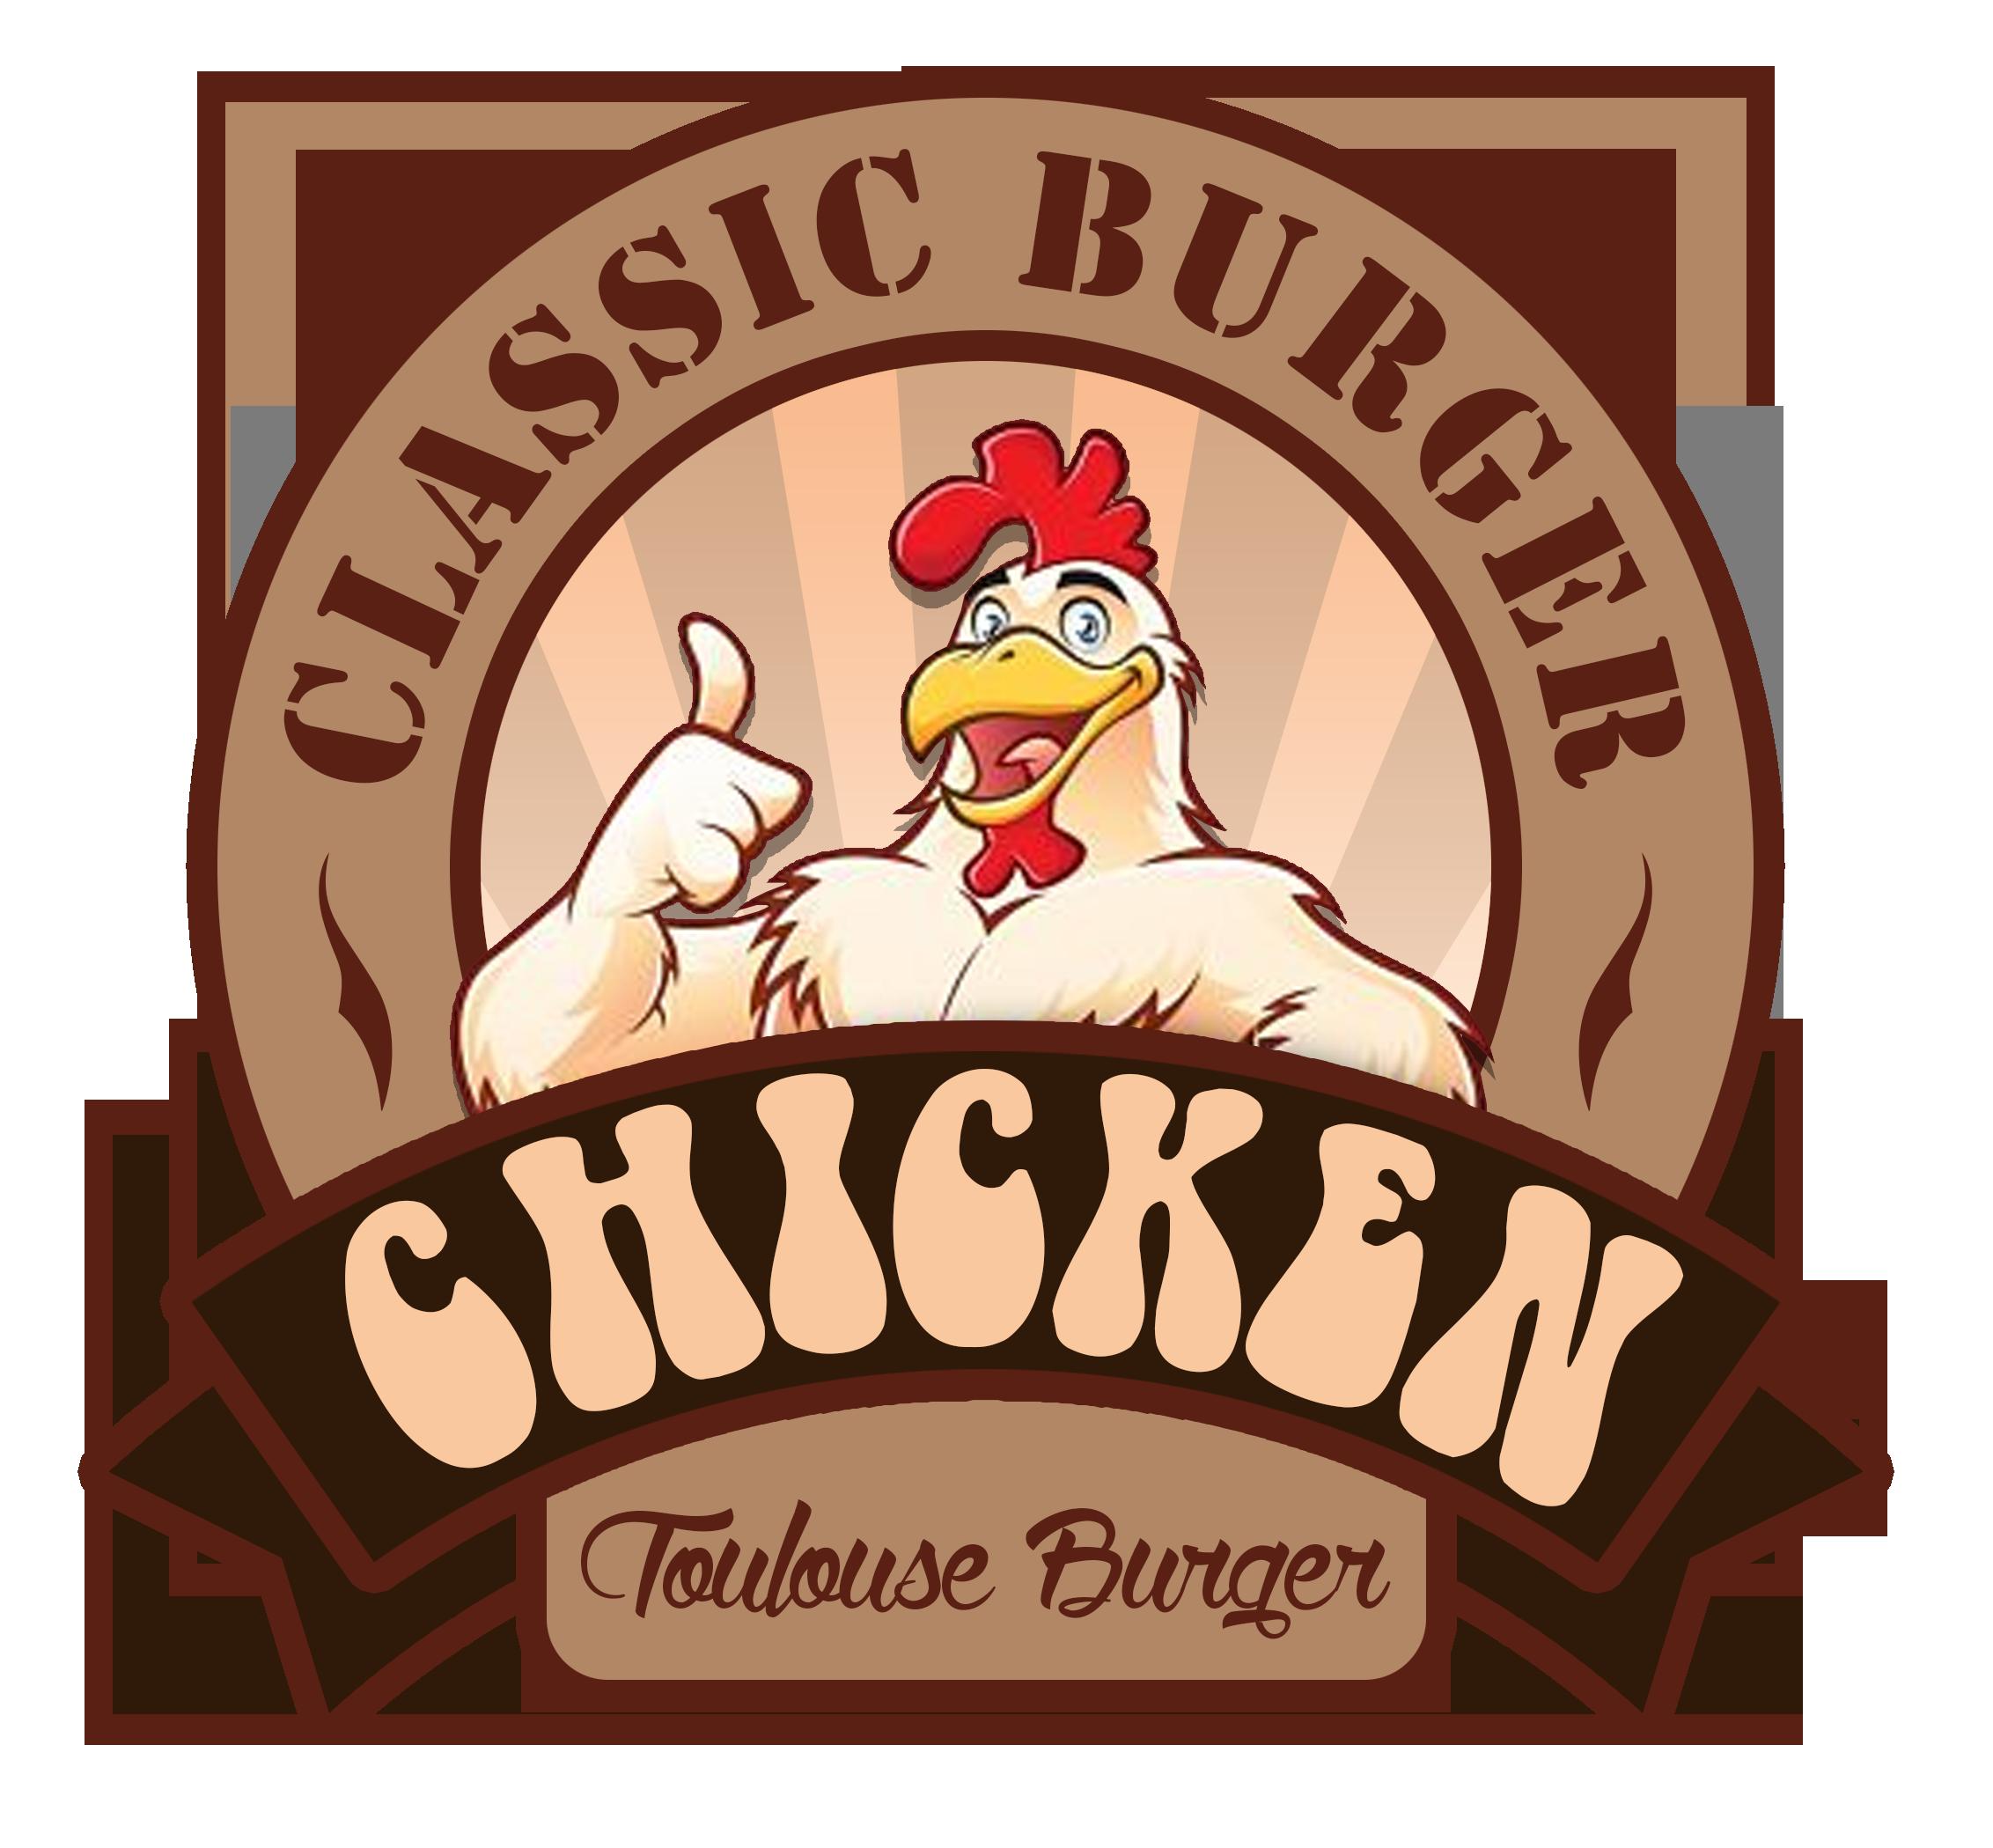 Burger maison Toulouse Burger